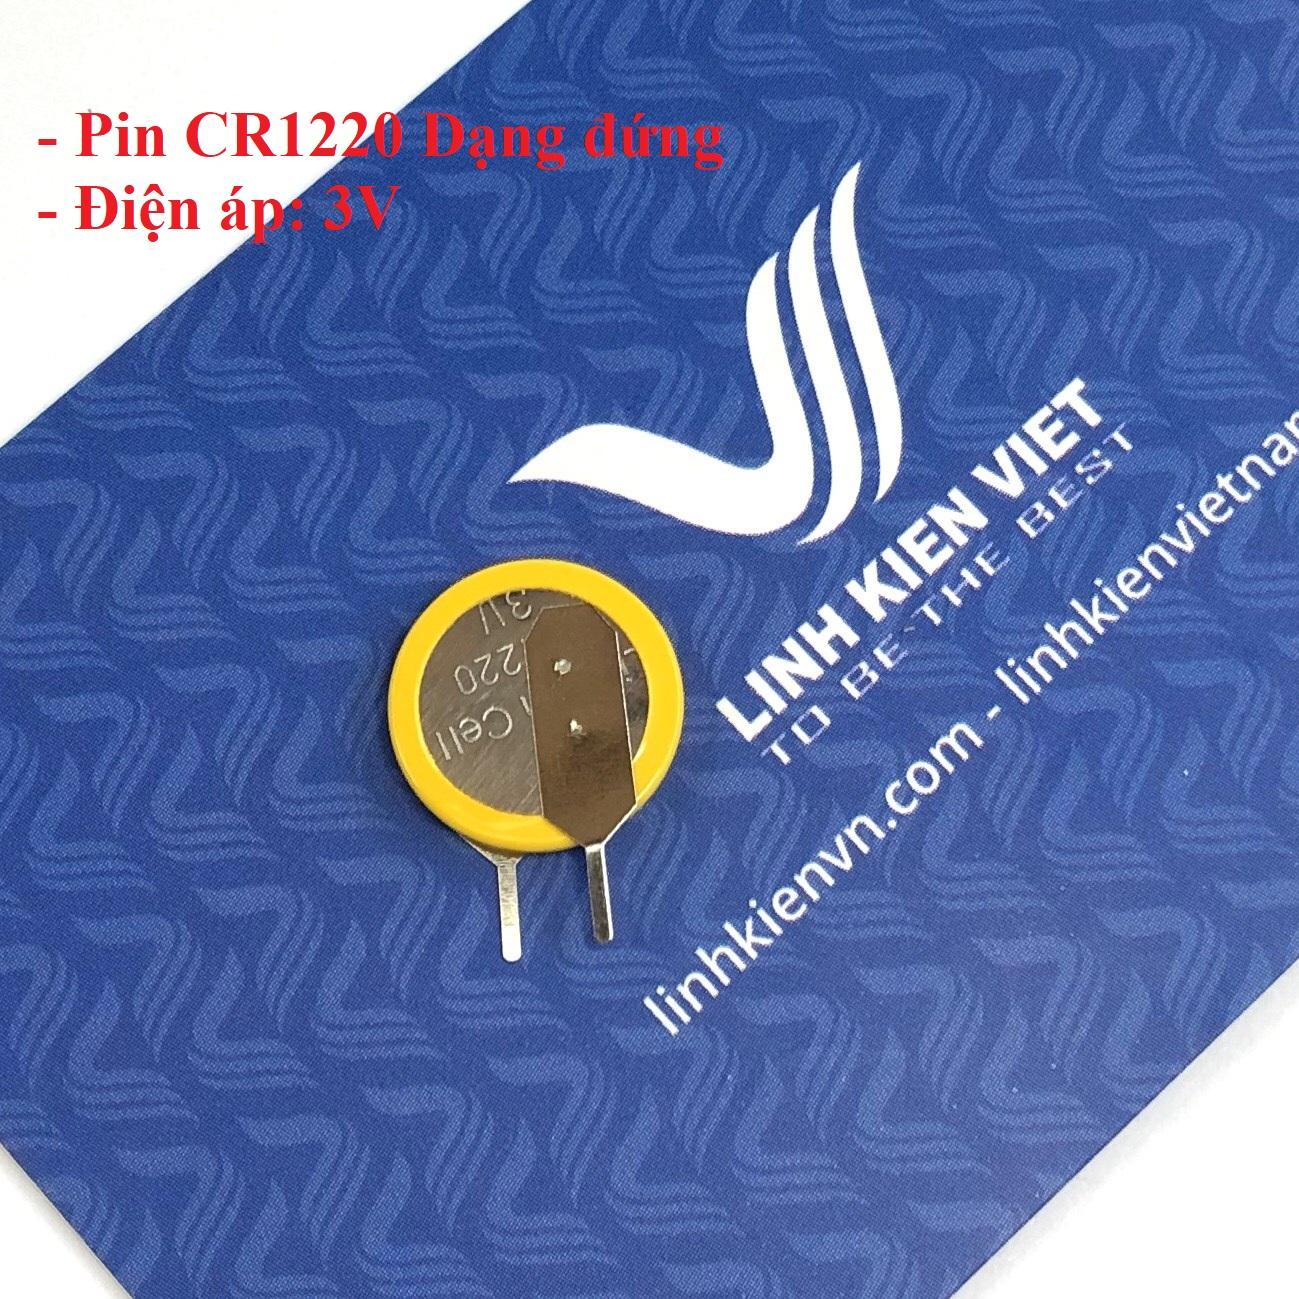 Pin CR1220 3V dạng cắm đứng - i4H23